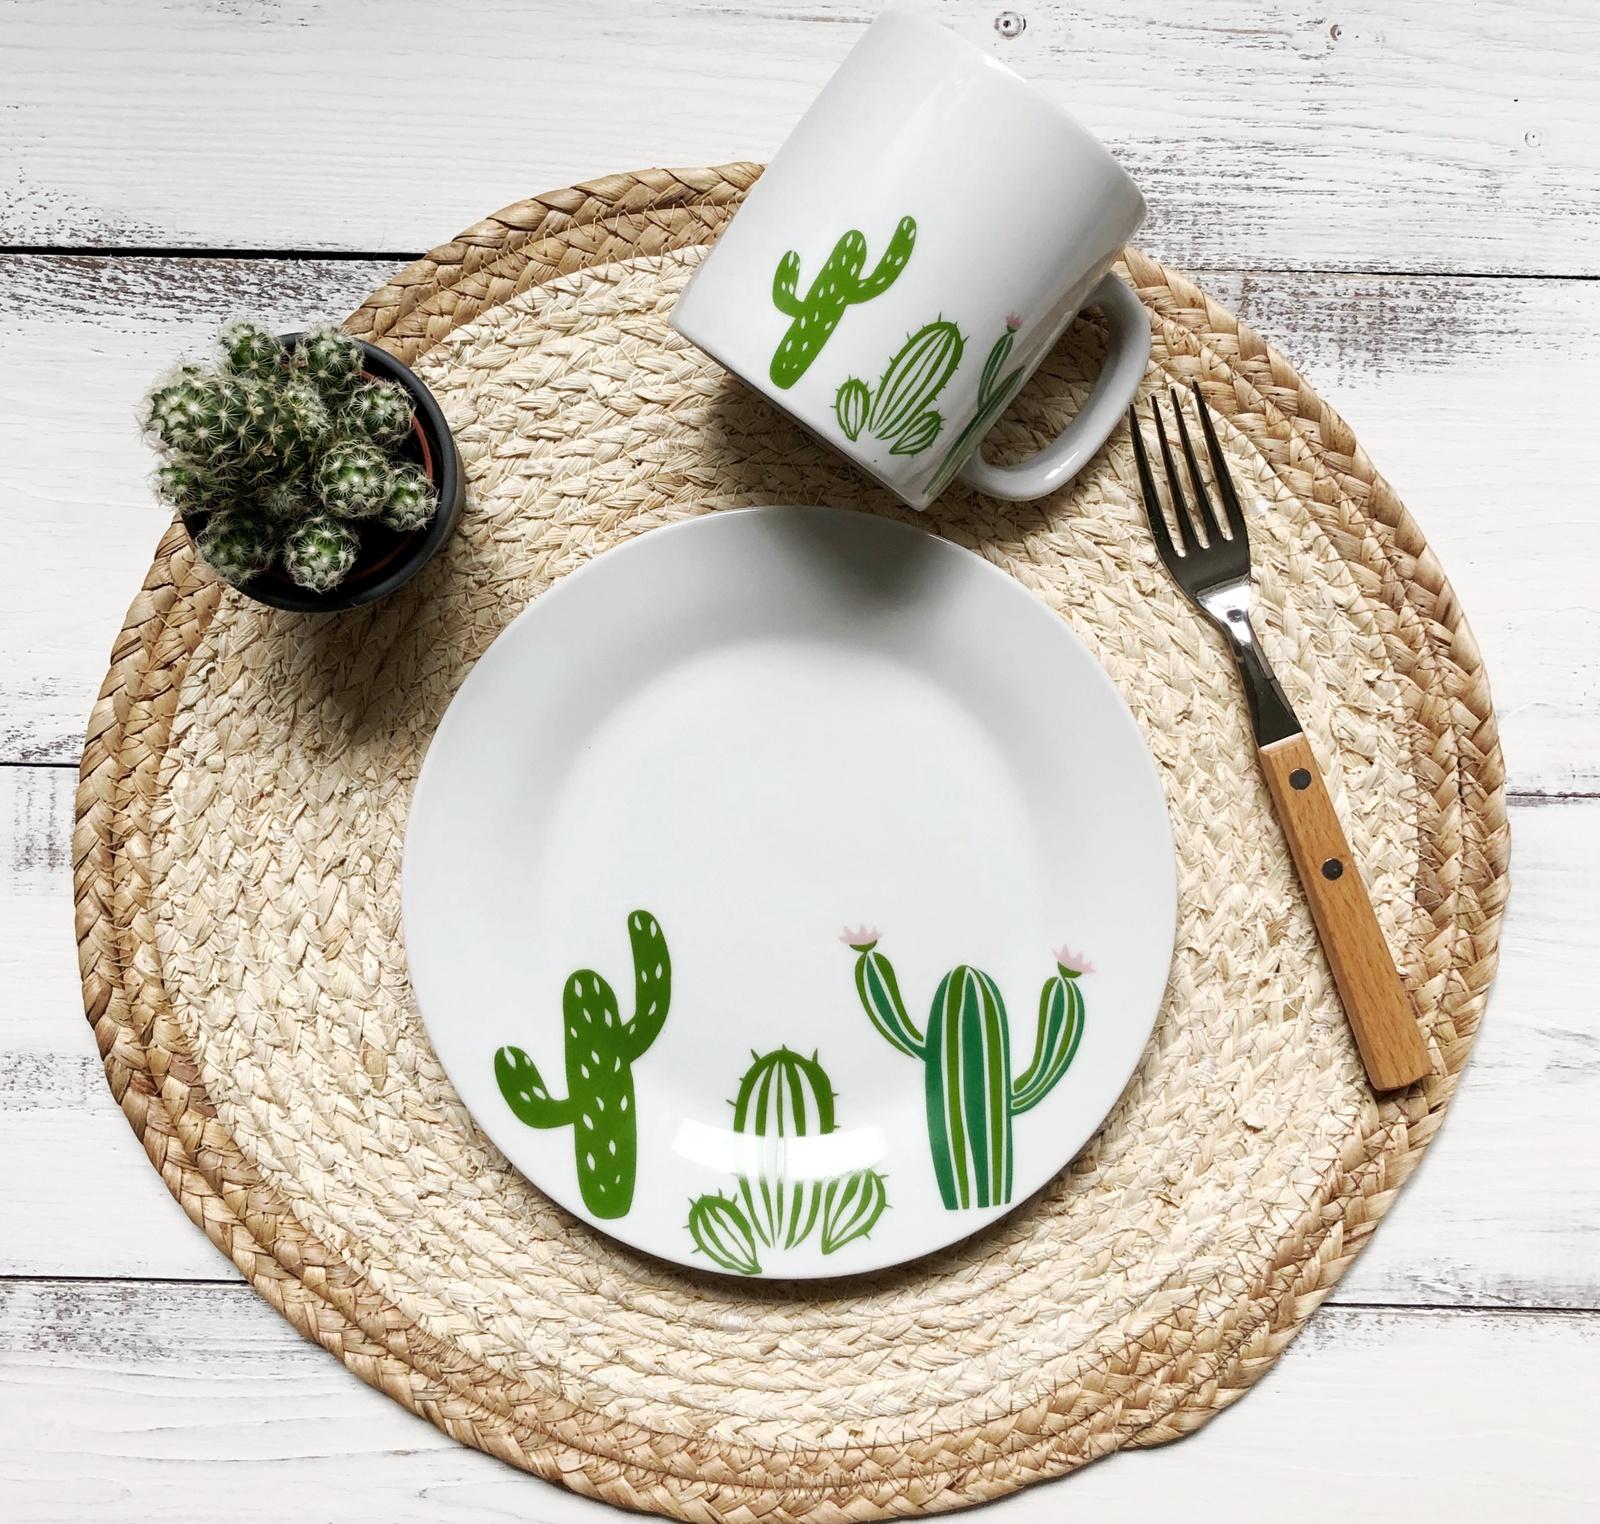 Набор столовой посуды Сотвори Чудо Набор посуды Кактусы (2 в 1: кружка+тарелка), белый тарелка мелкая сотвори чудо бантик sans brides диаметр 20 см